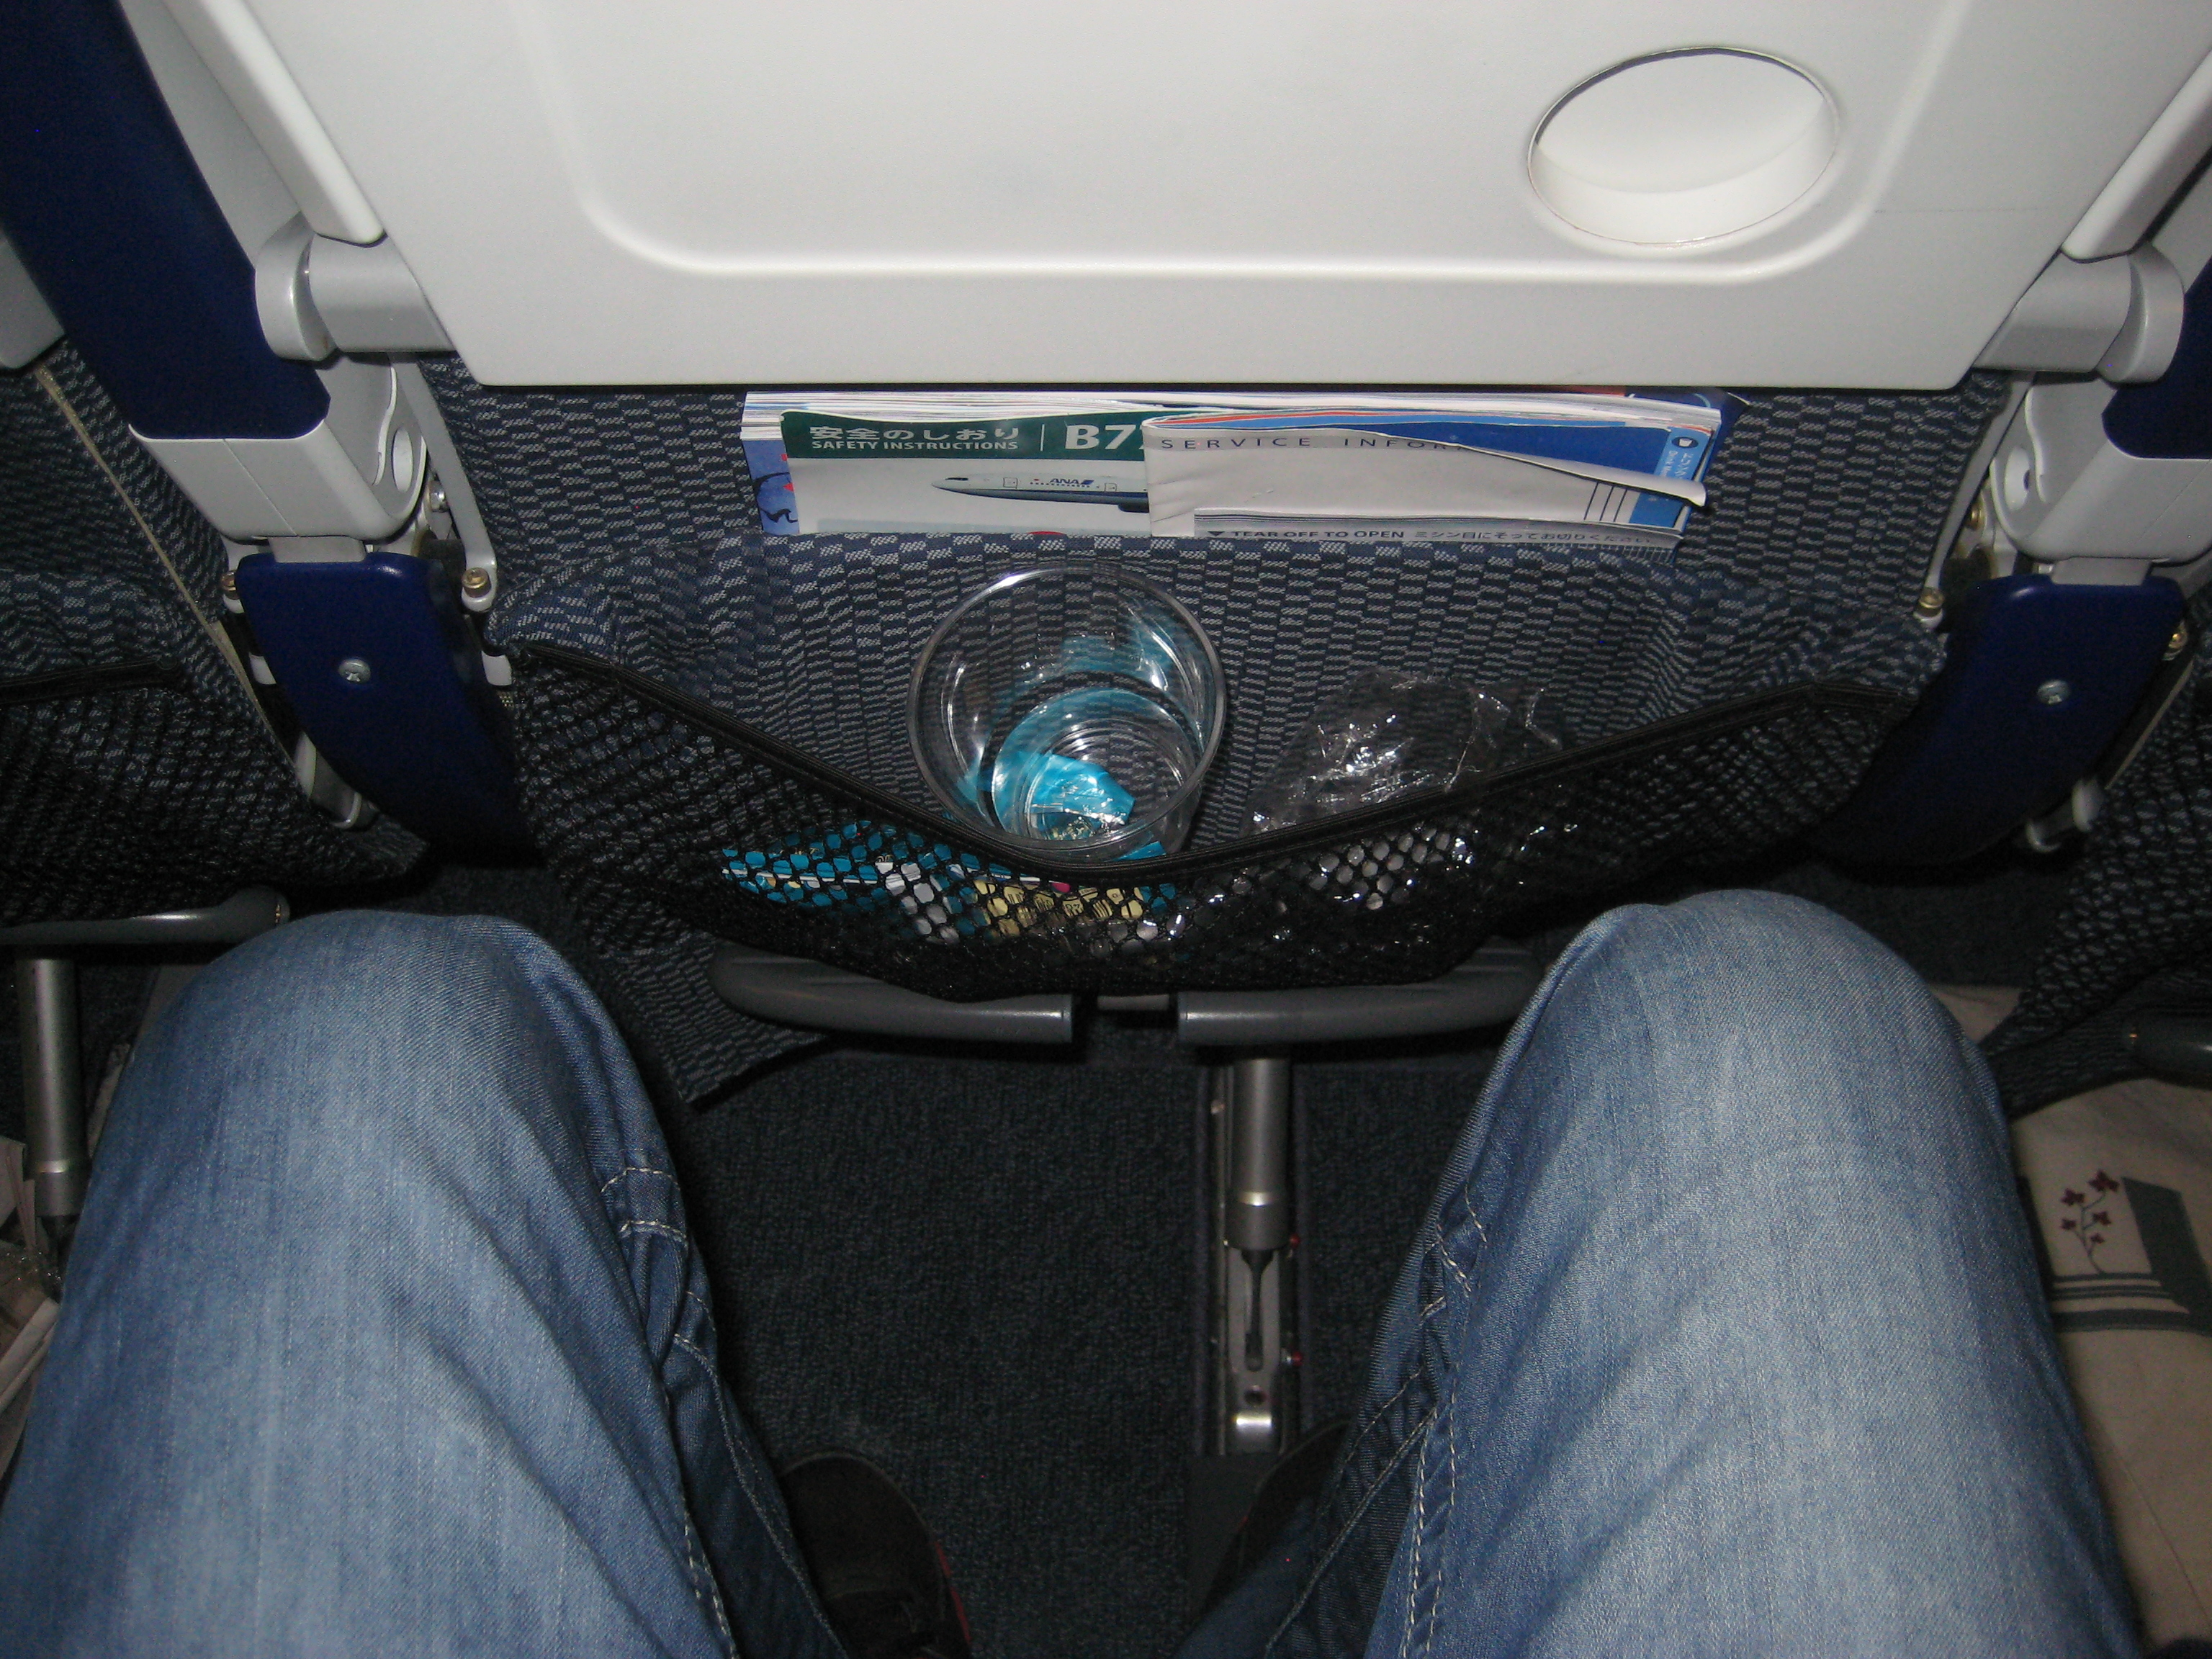 Leg room in economy class